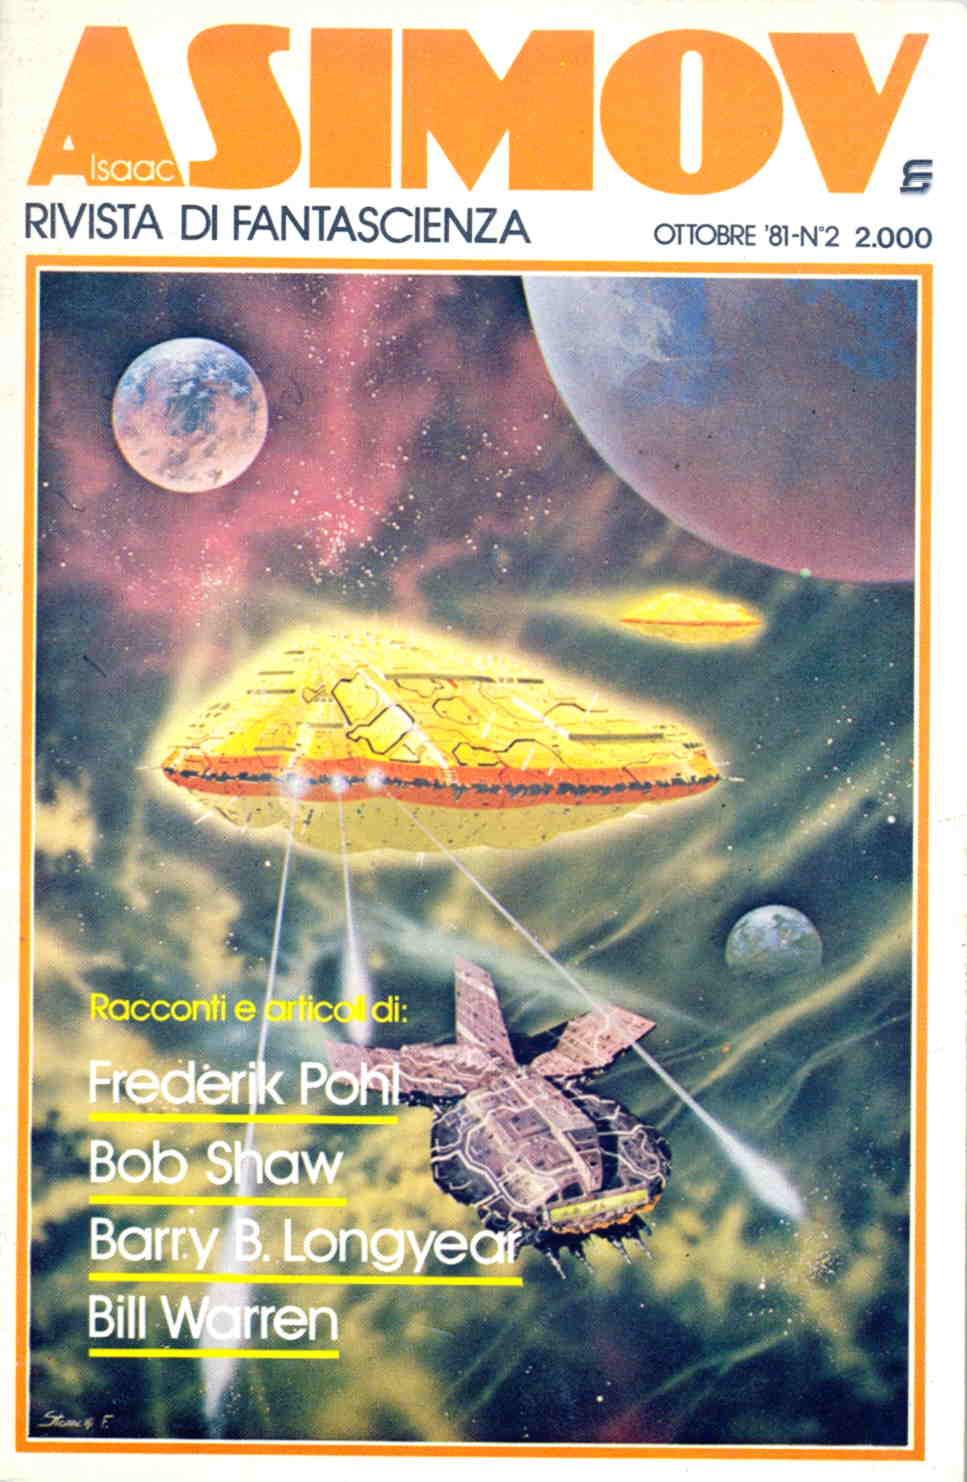 Isaac Asimov - Rivis...